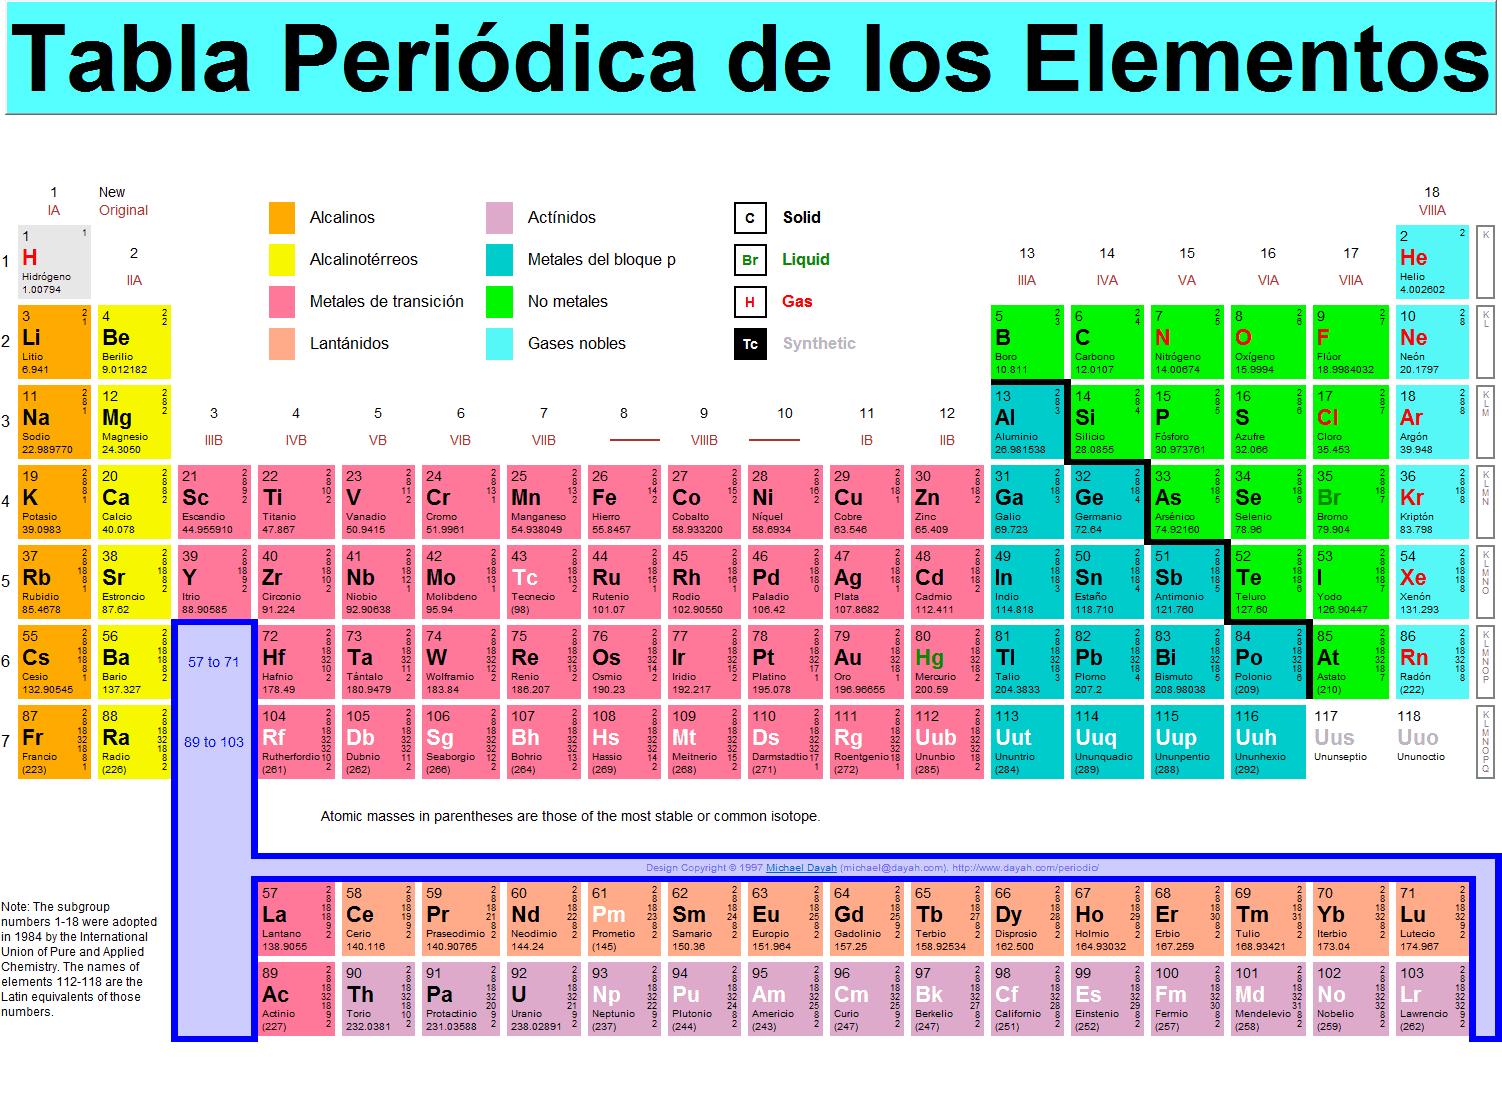 La tabla peridica de los elementos la tabla peridica de los definicin es una representacin grfica donde podemos encontrar las caractersticas principales de cada elemento qumico ya sea su densidad urtaz Image collections